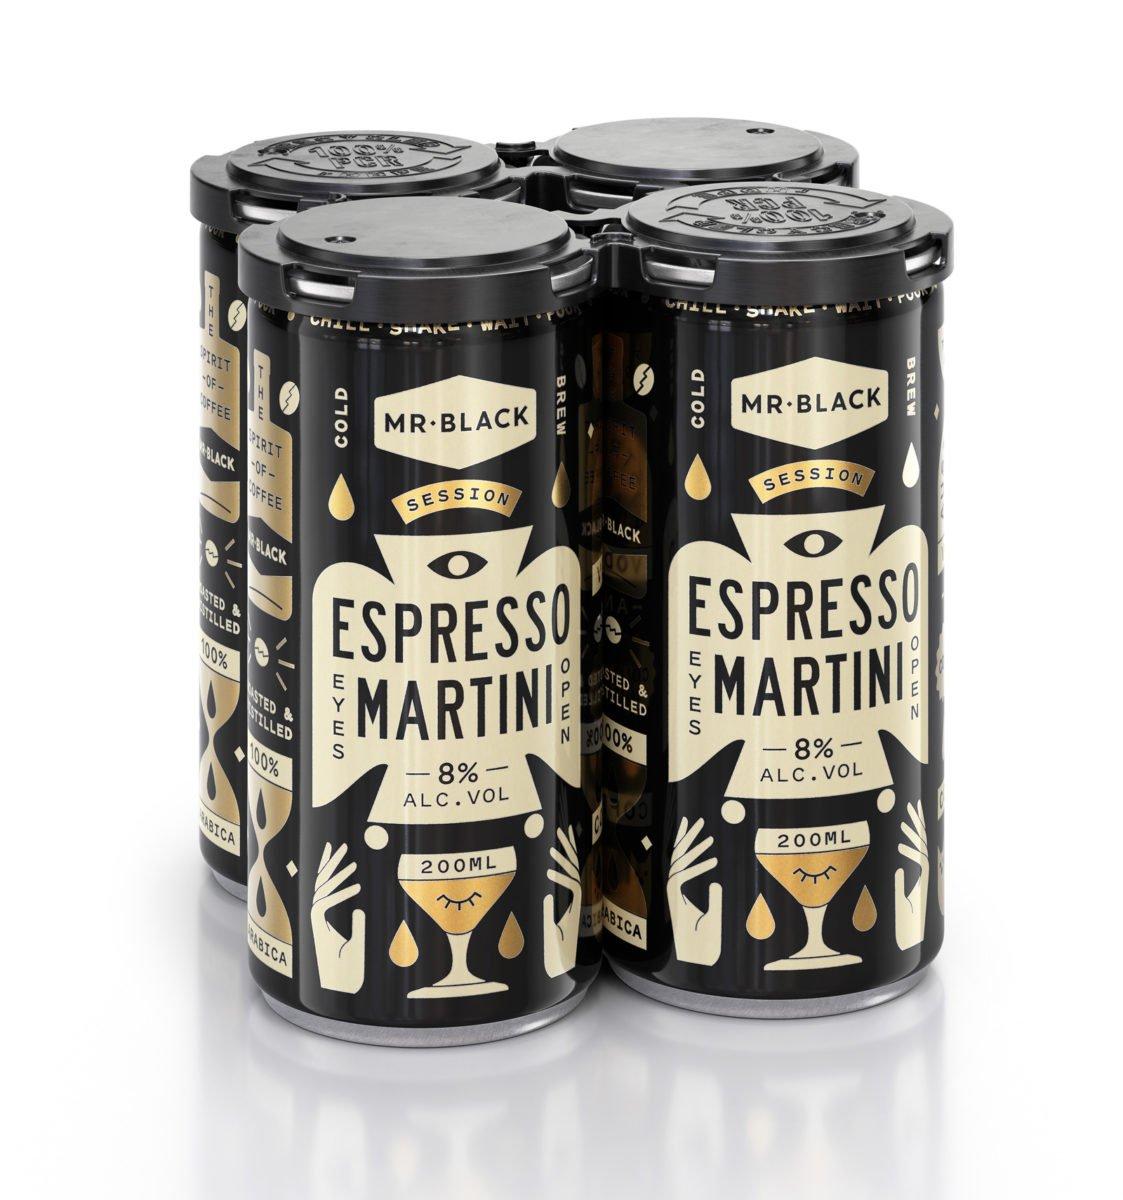 MR Black Espresso Martini Can 4-Pack